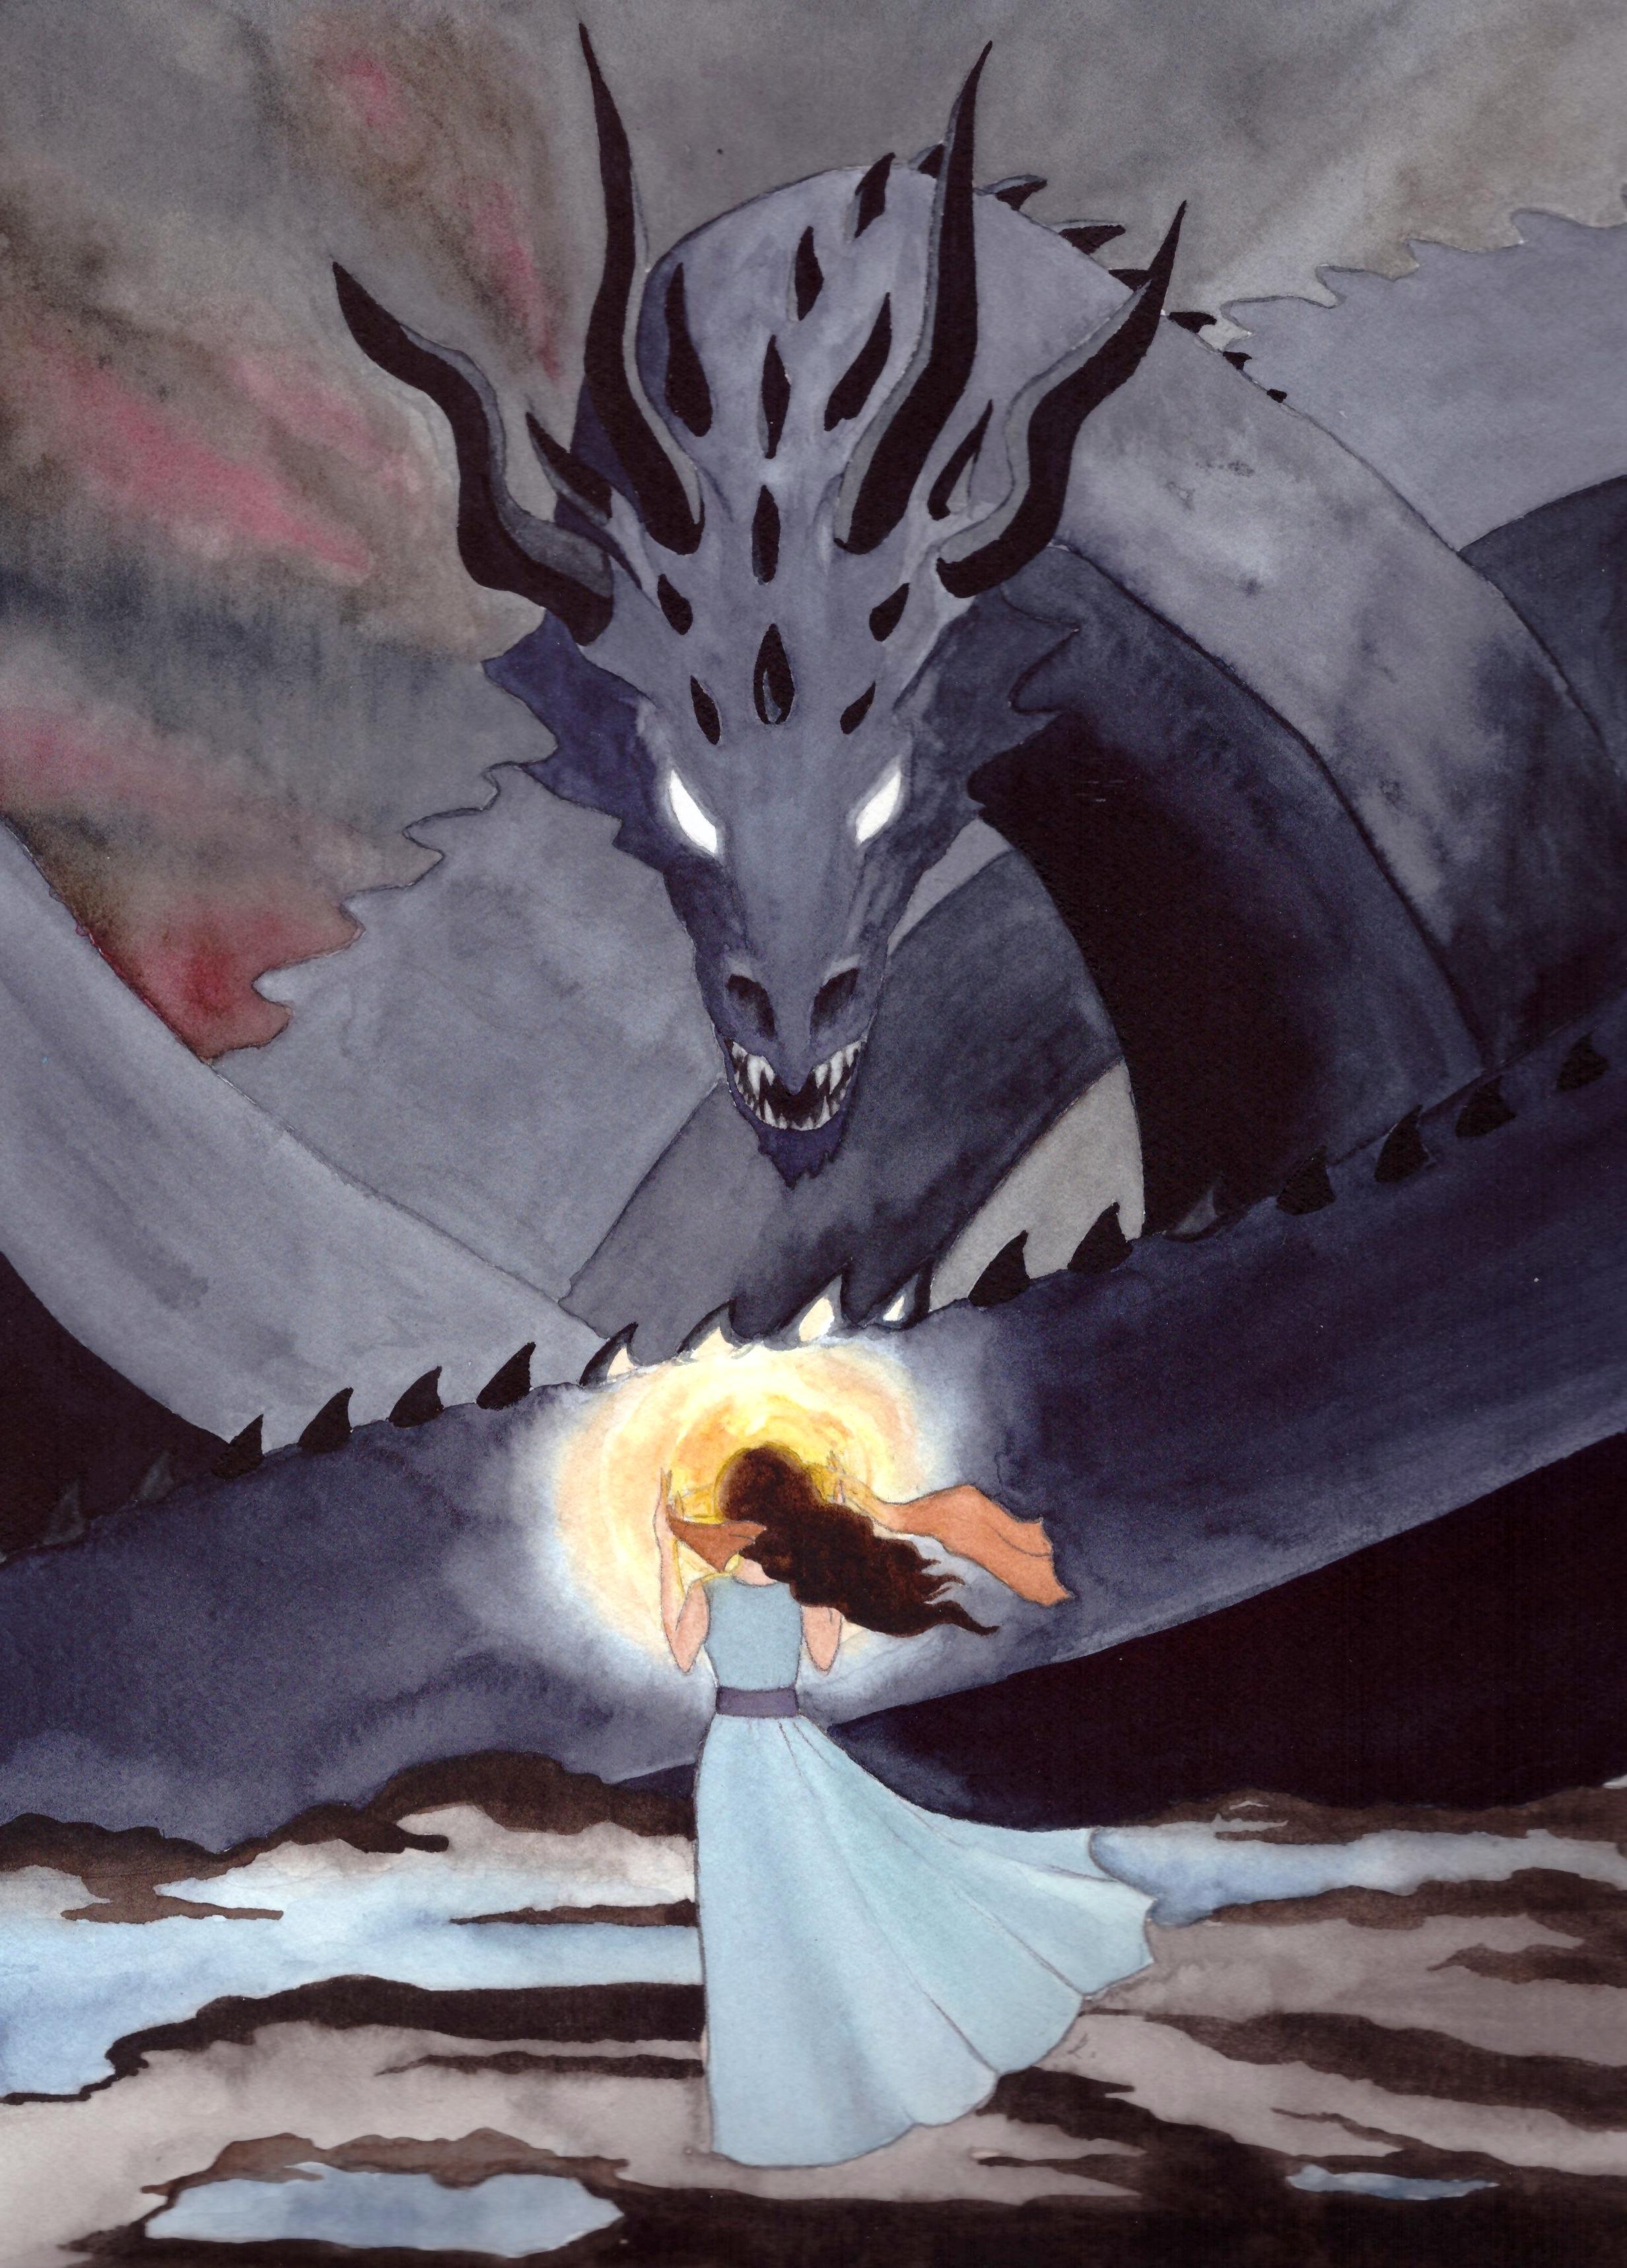 Pohádky pro nemocné medvědy - rozhovor s Kateřinou Špirochovou - ilustrace Vlčí oči